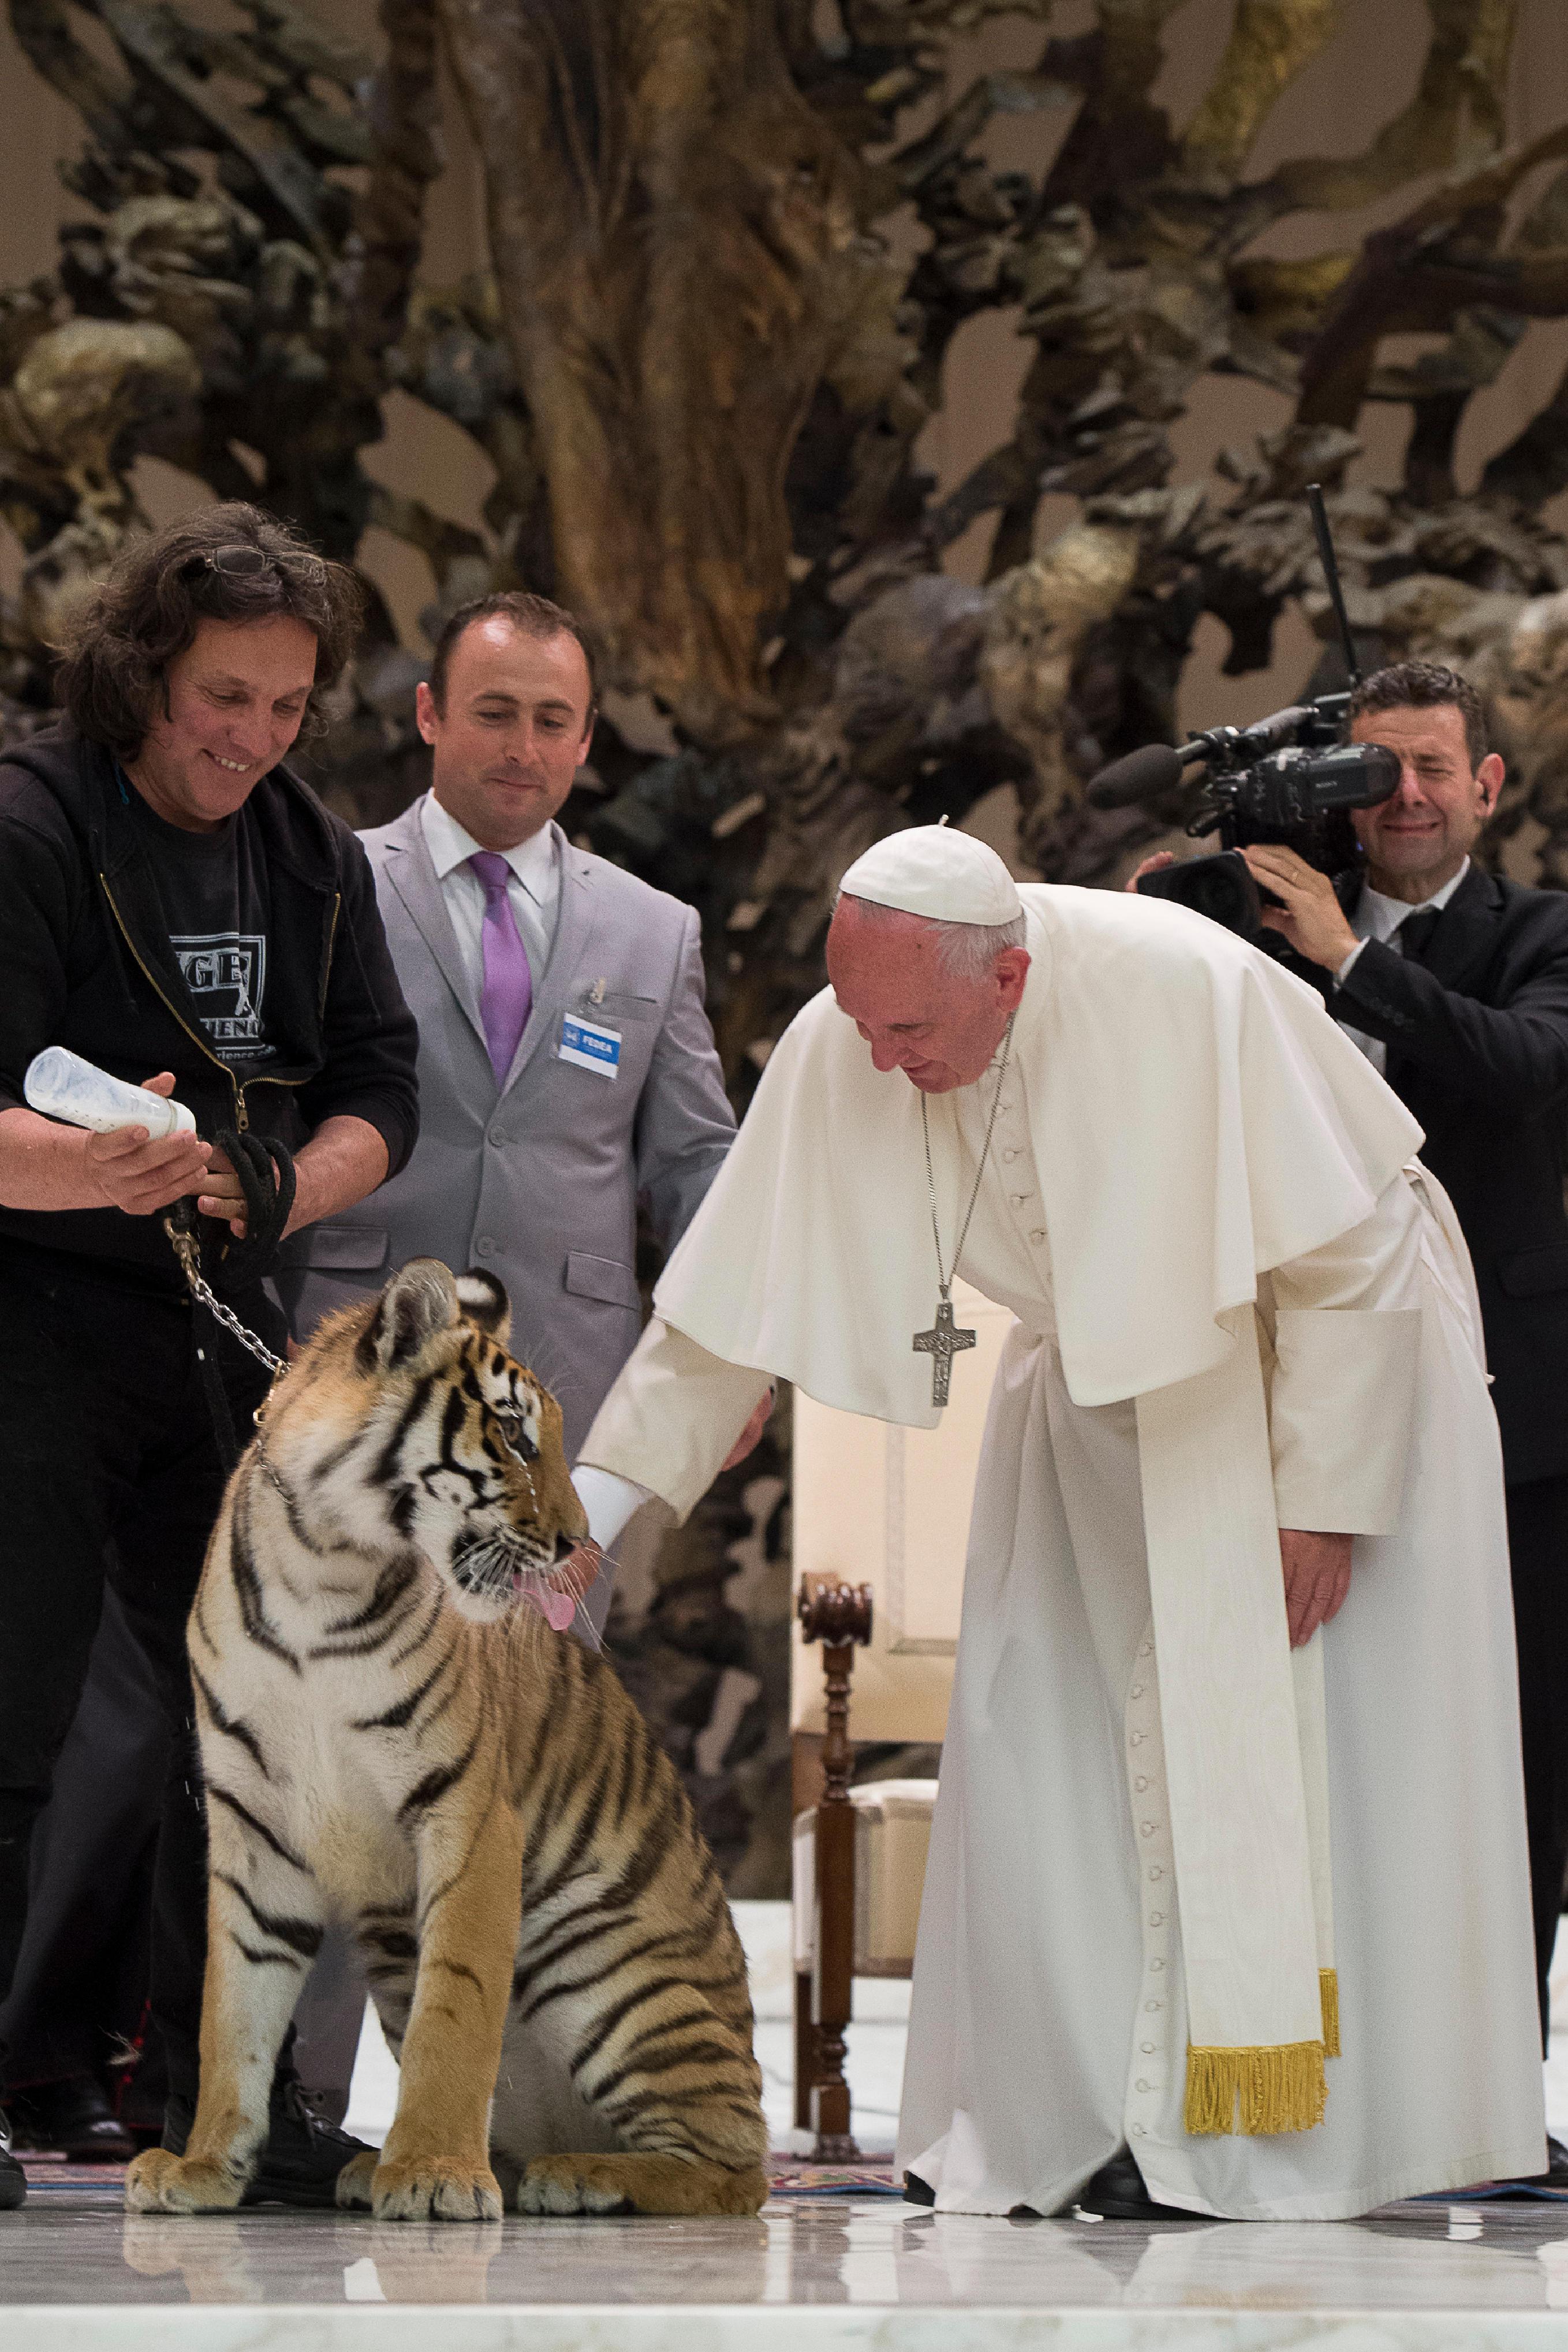 """(160616) -- ROMA, junio 16, 2016 (Xinhua) -- El papa Francisco (d-frente) acaricia a un tigre durante su audiencia con los participantes del jubileo del """"mundo del espectáculo viajante"""", en la Ciudad del Vaticano, en Roma, Italia, el 16 de junio de 2016. (Xinhua/Giuseppe Ciccia/Pacific Press/ZUMAPRESS) (da) (dp)"""